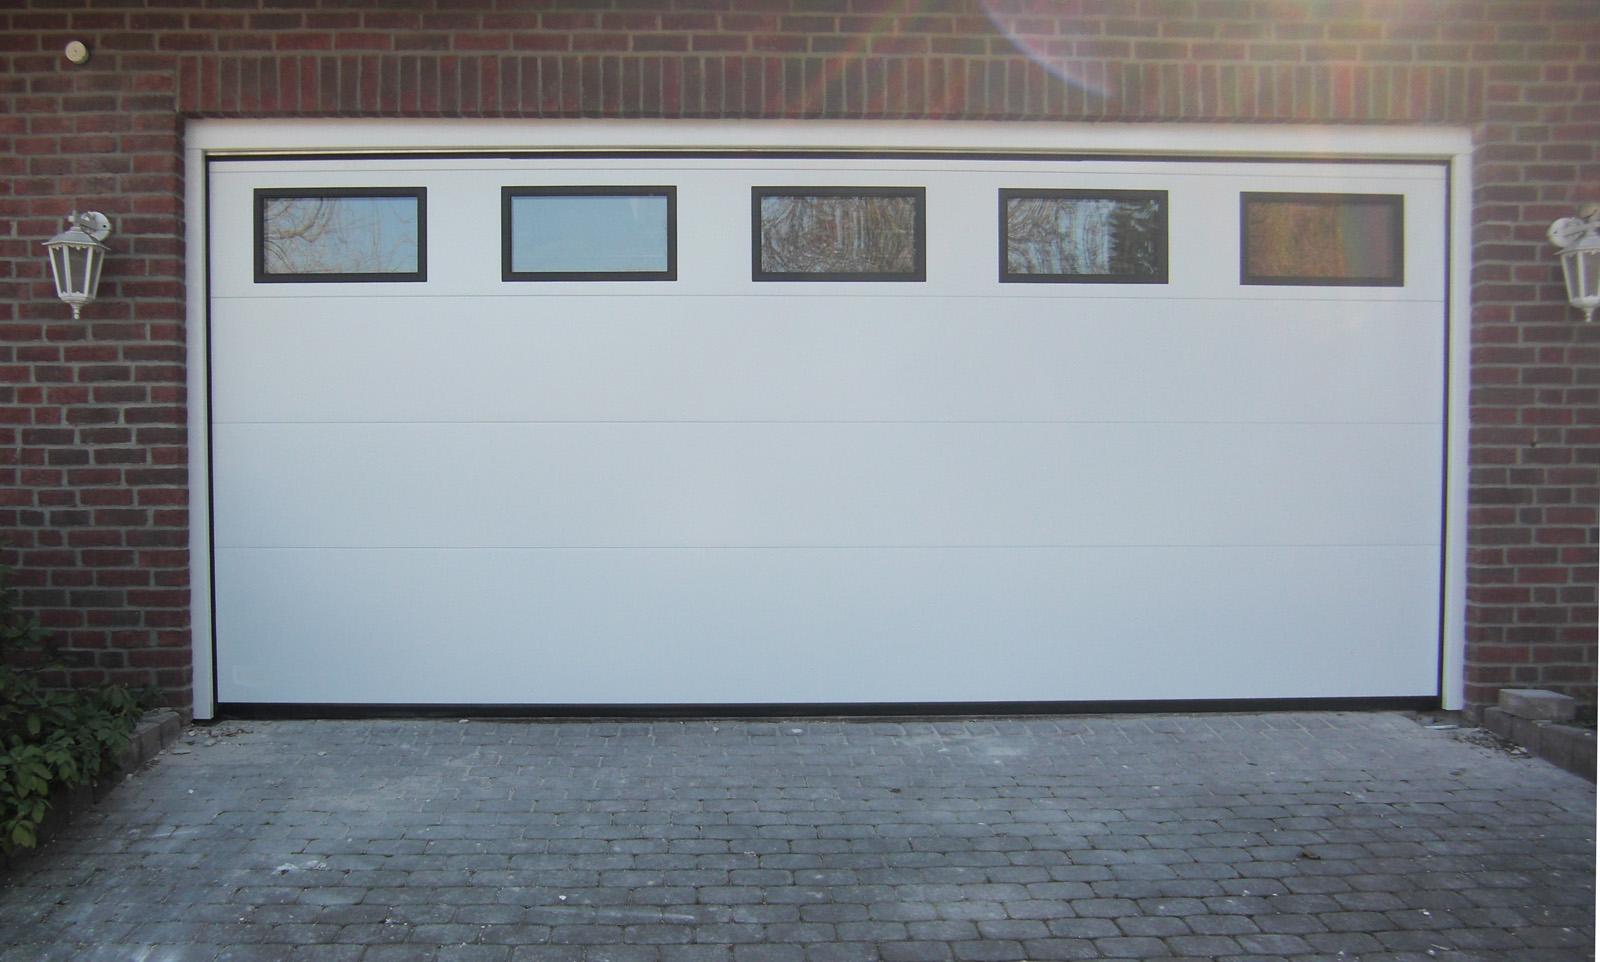 deckensektionaltor mit durchblickfenster und zus tzlichen rahmen tor1a. Black Bedroom Furniture Sets. Home Design Ideas